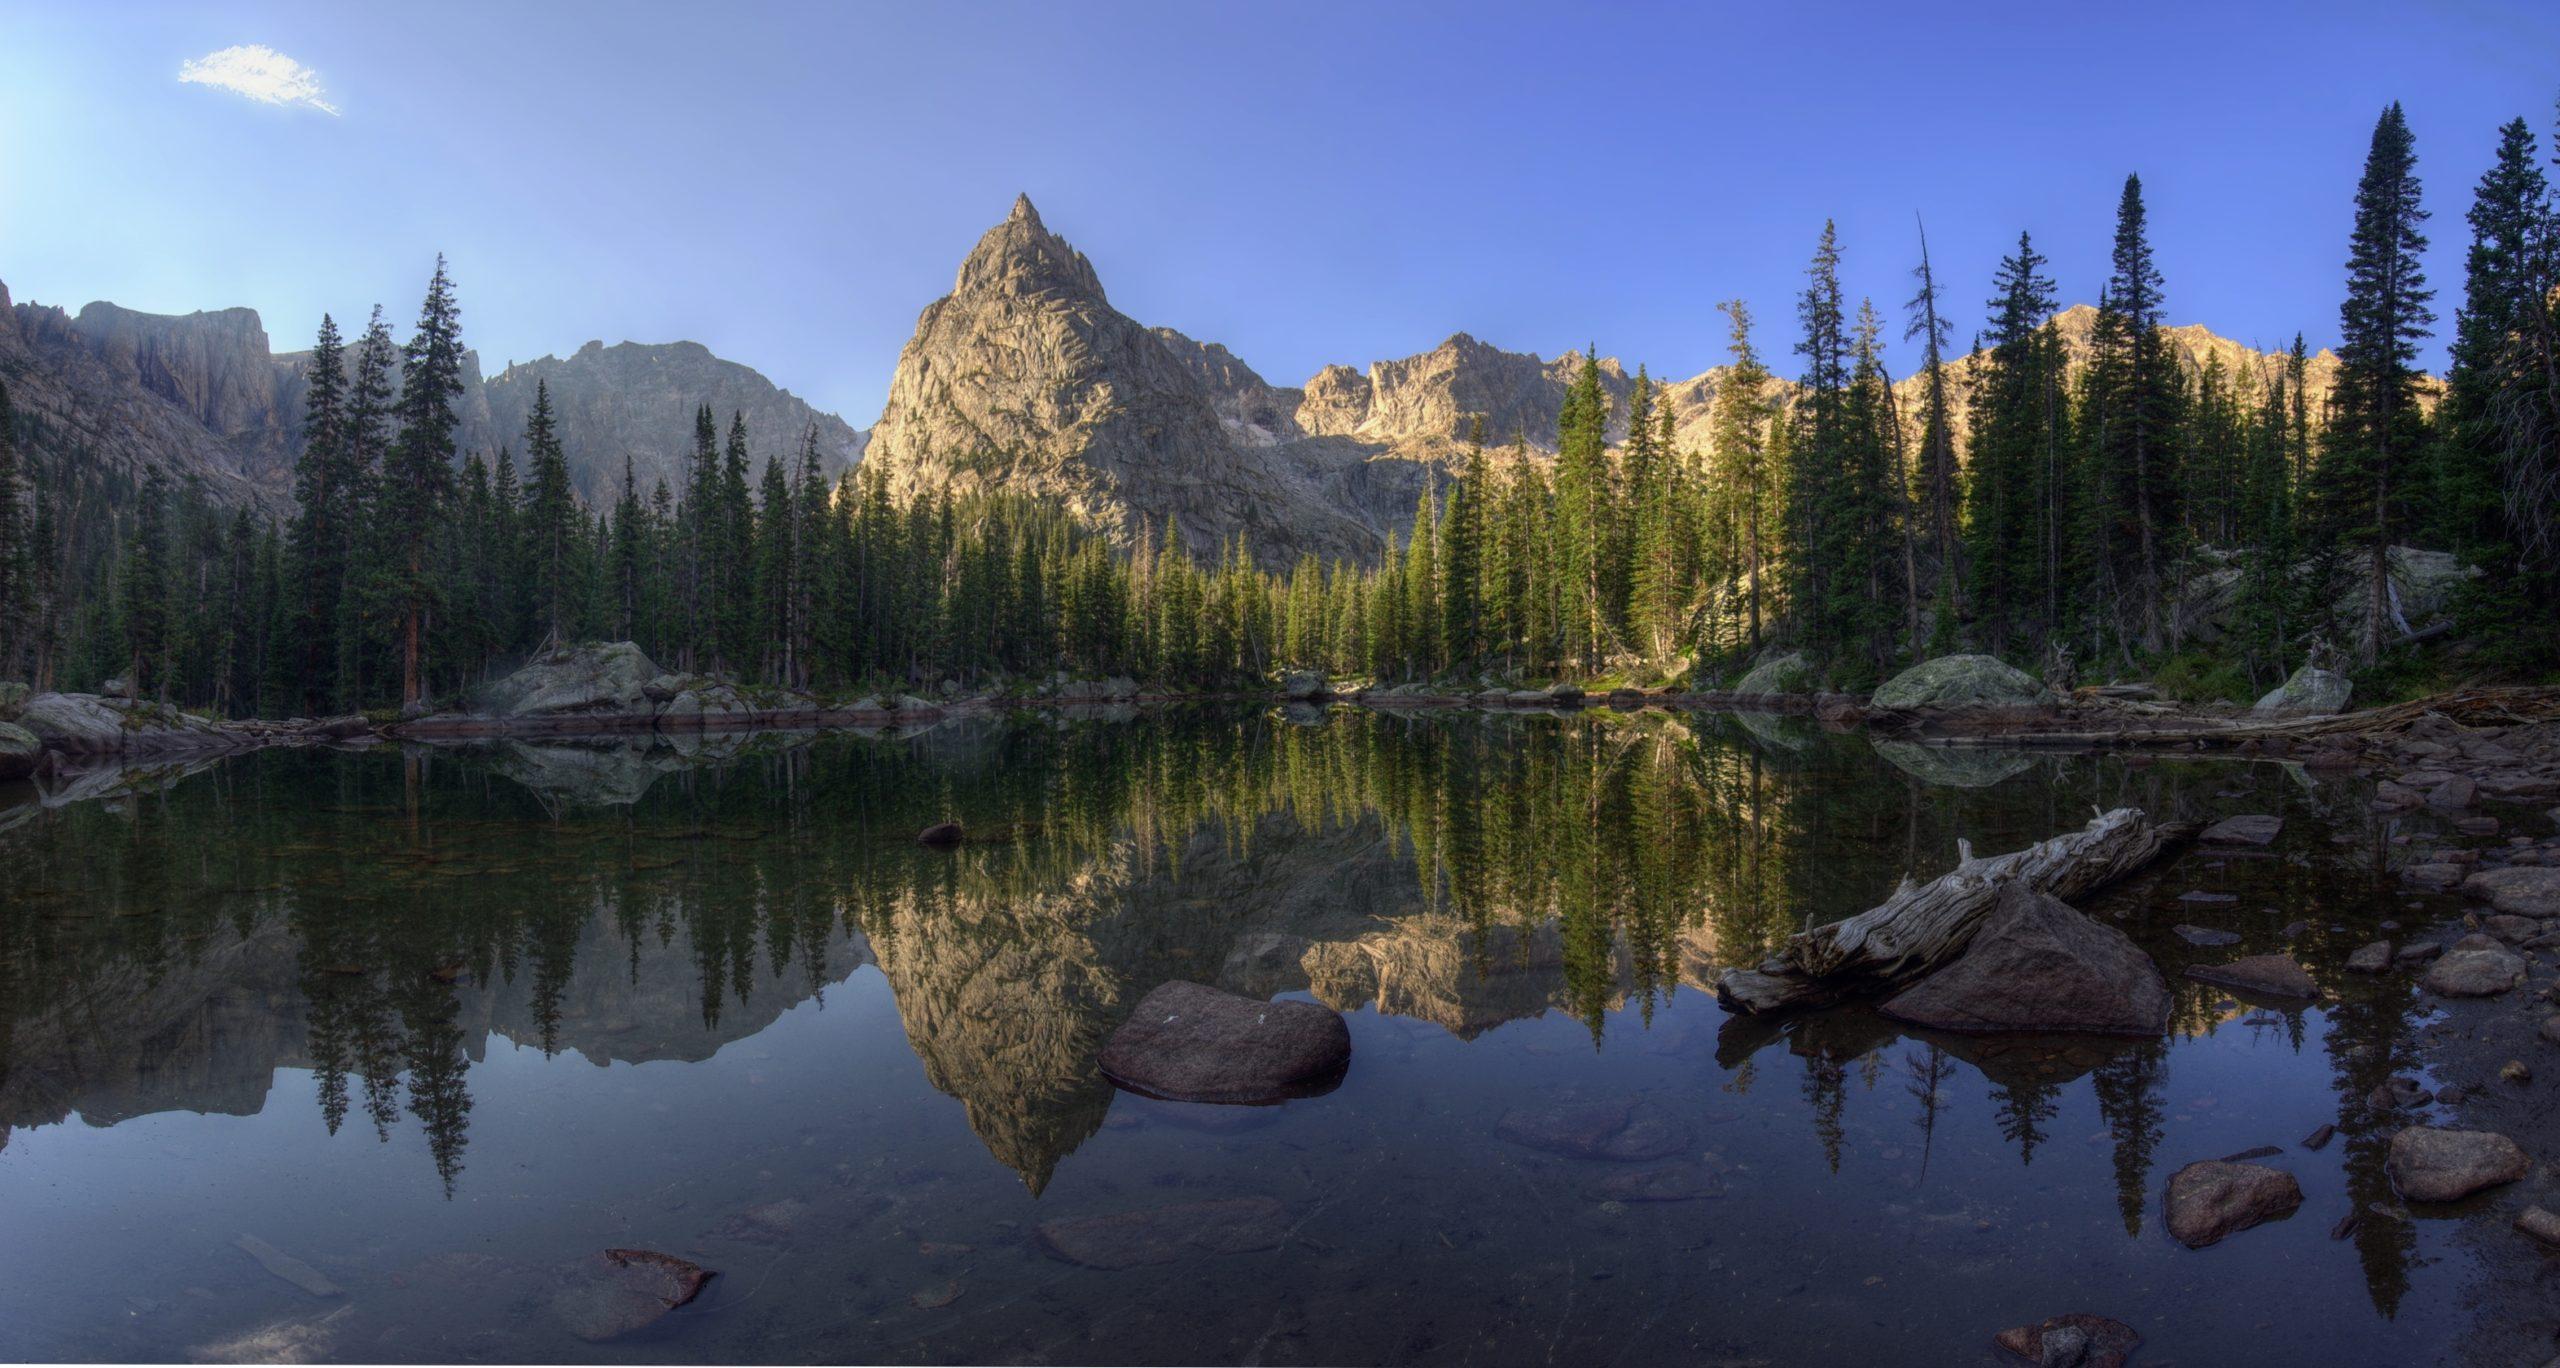 Morning at Mirror Lake